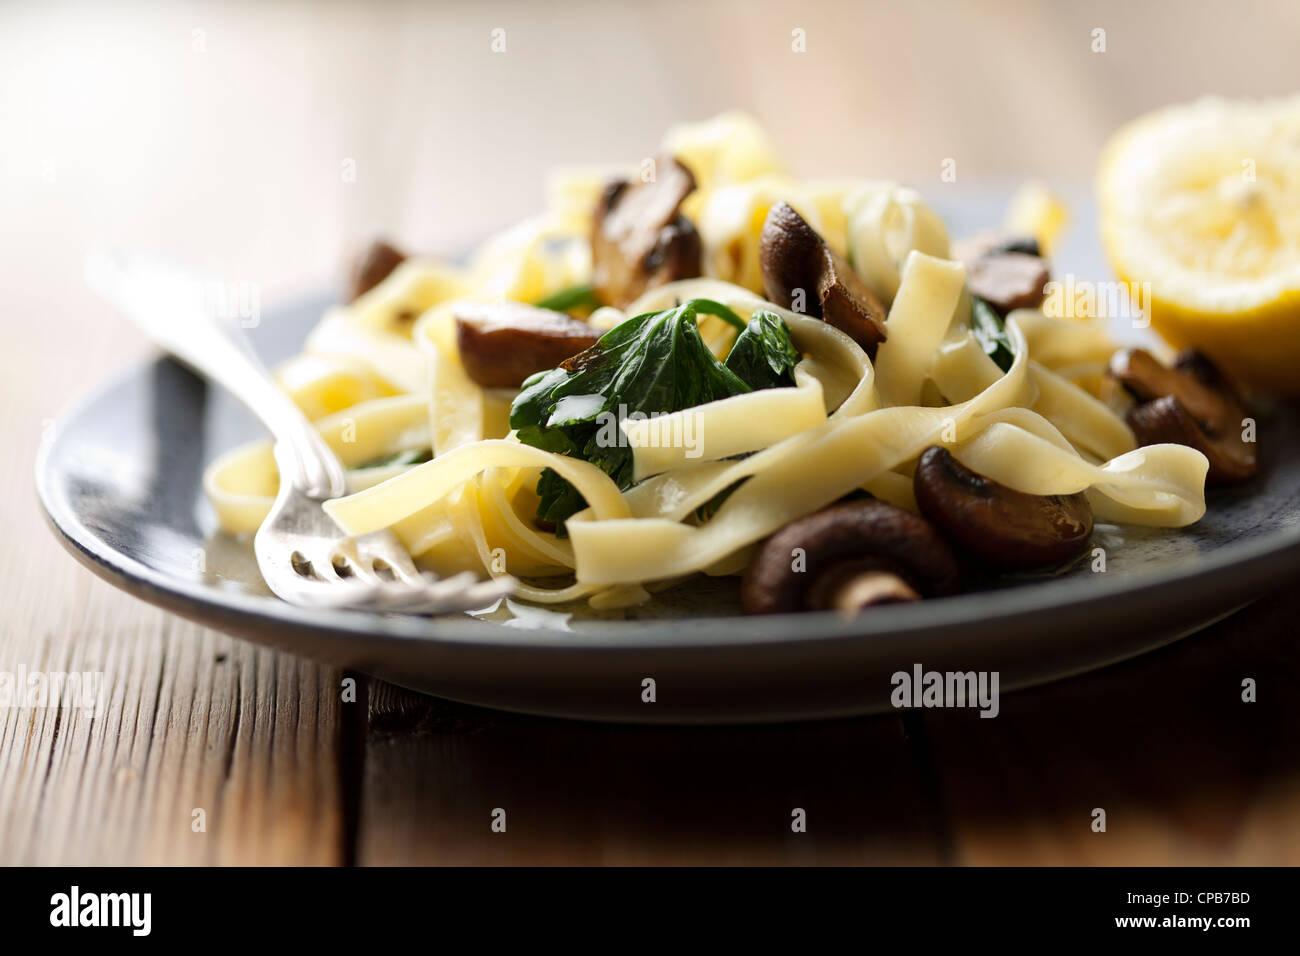 Plat végétarien avec tagliatelles, épinards et champignons Photo Stock